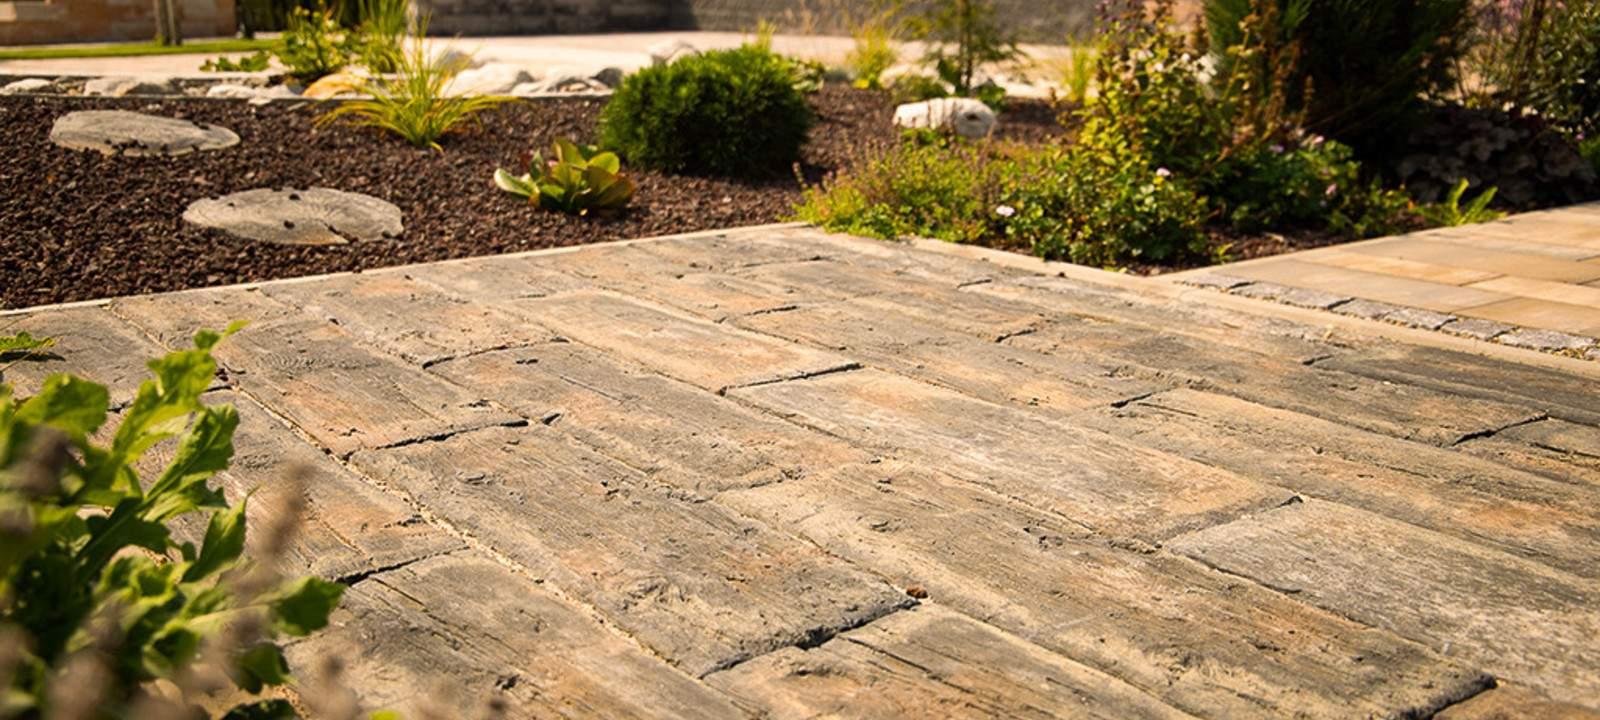 Garten Gestalten Mit Steinen Genial Terrasse Stein